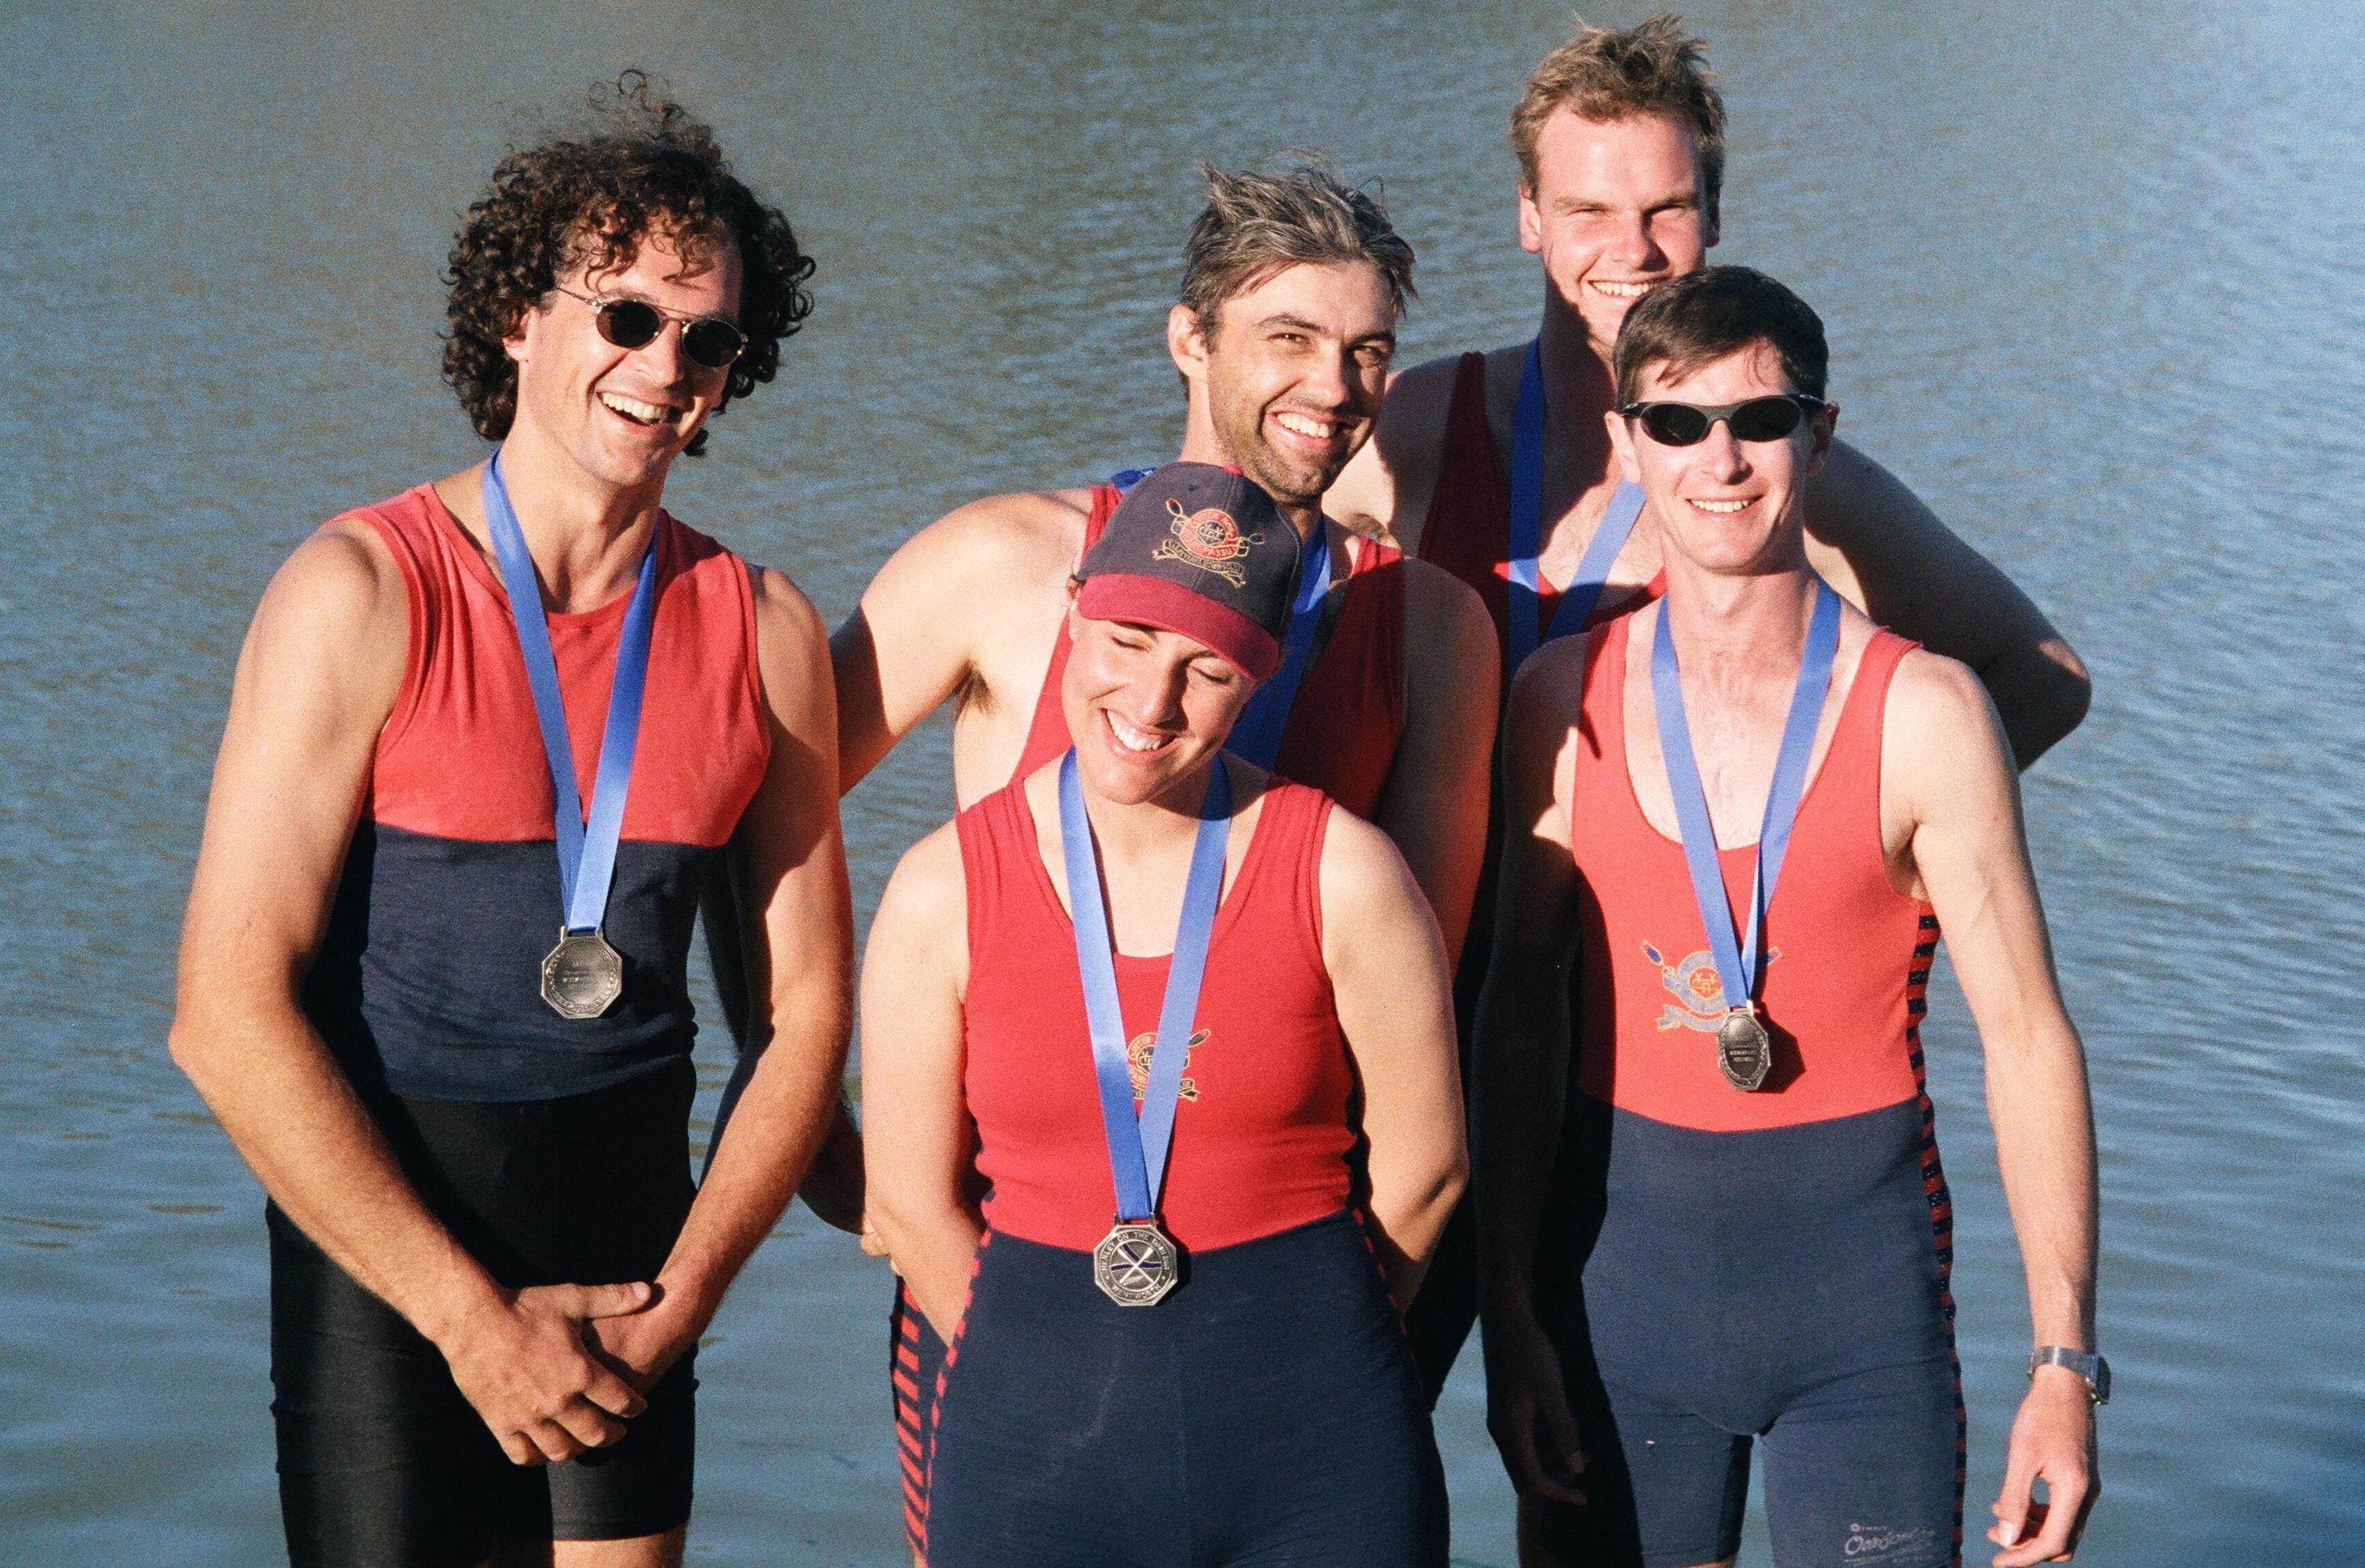 YYRC, Sally Shaw, winning medals